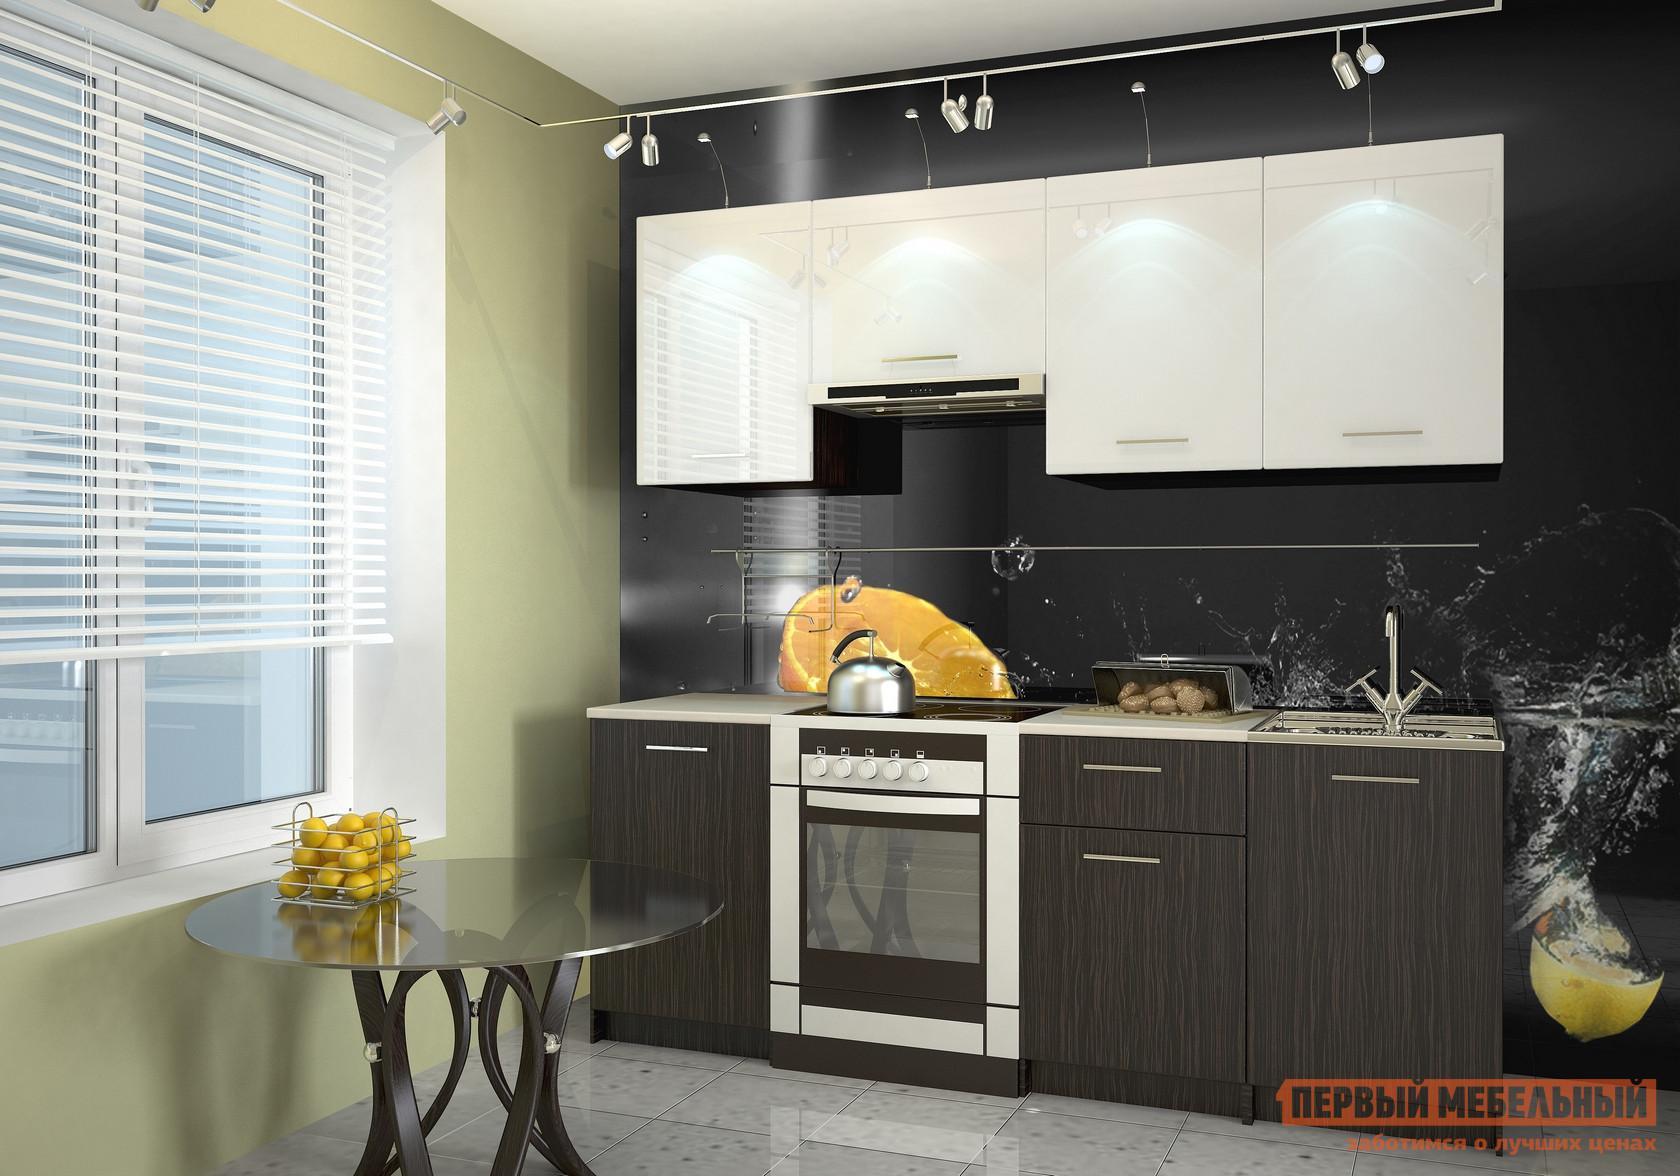 Кухонный гарнитур НК-Мебель Дальма 210 см кухонный гарнитур трия ассорти вишня 2 240 х 210 см